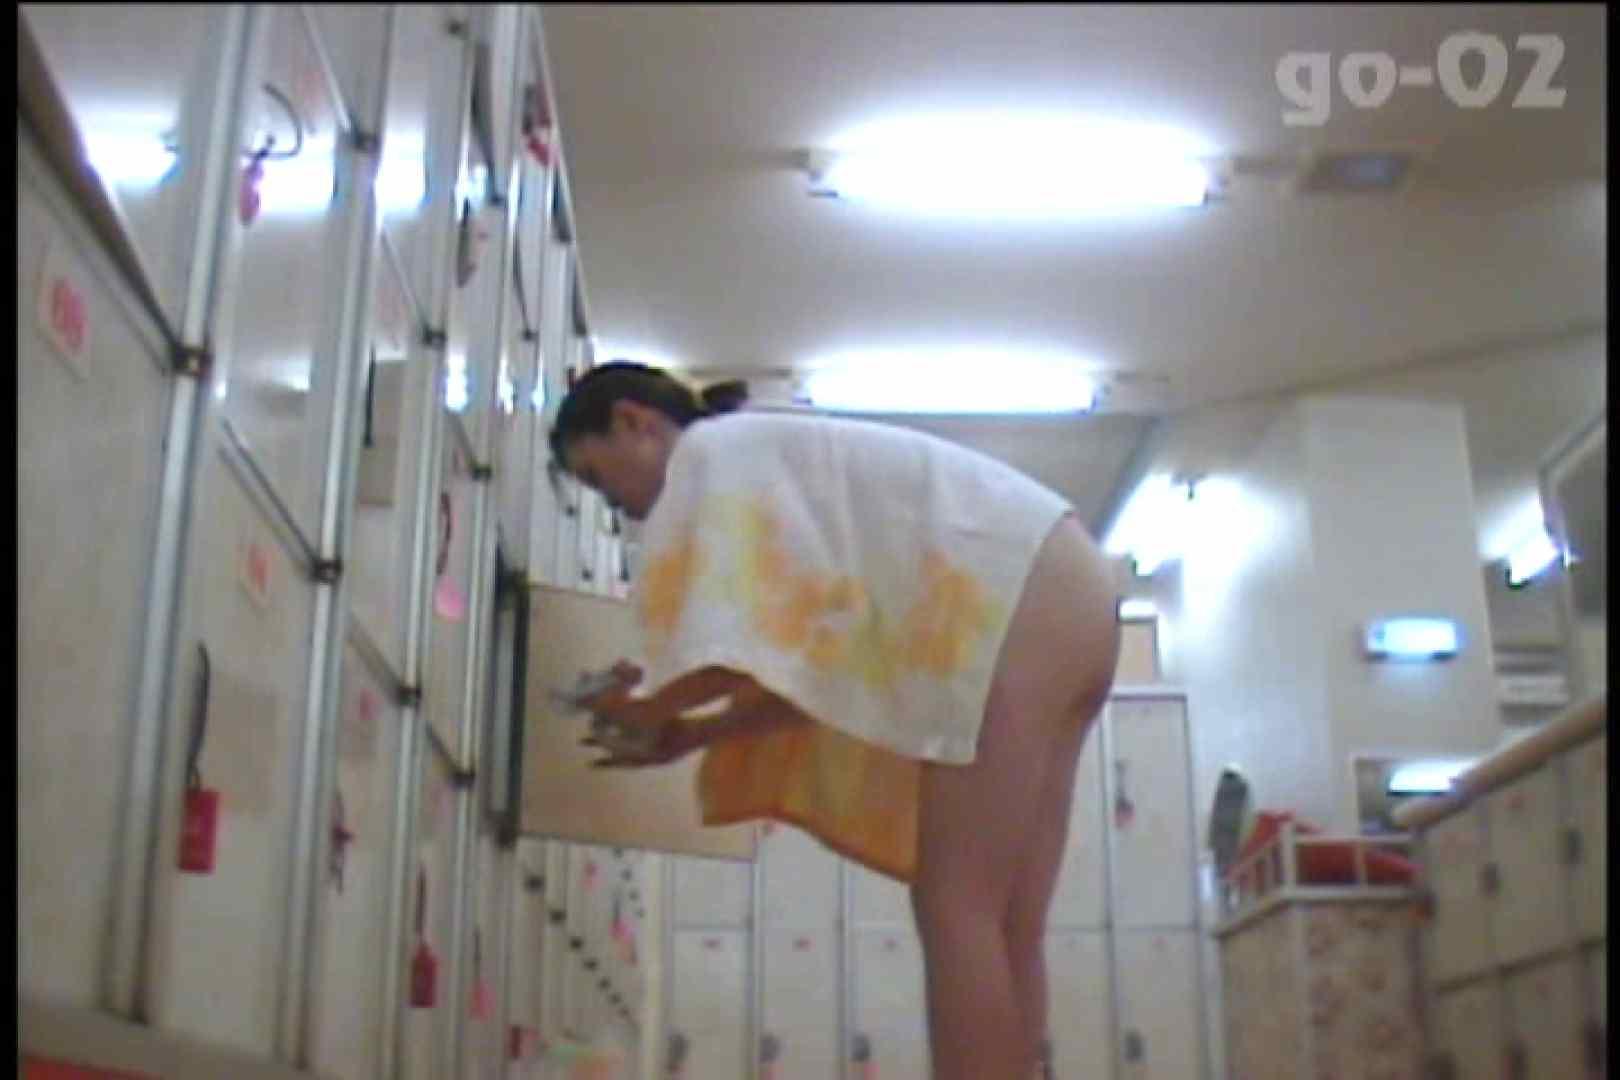 電波カメラ設置浴場からの防HAN映像 Vol.02 盗撮 | エッチなOL  92枚 16